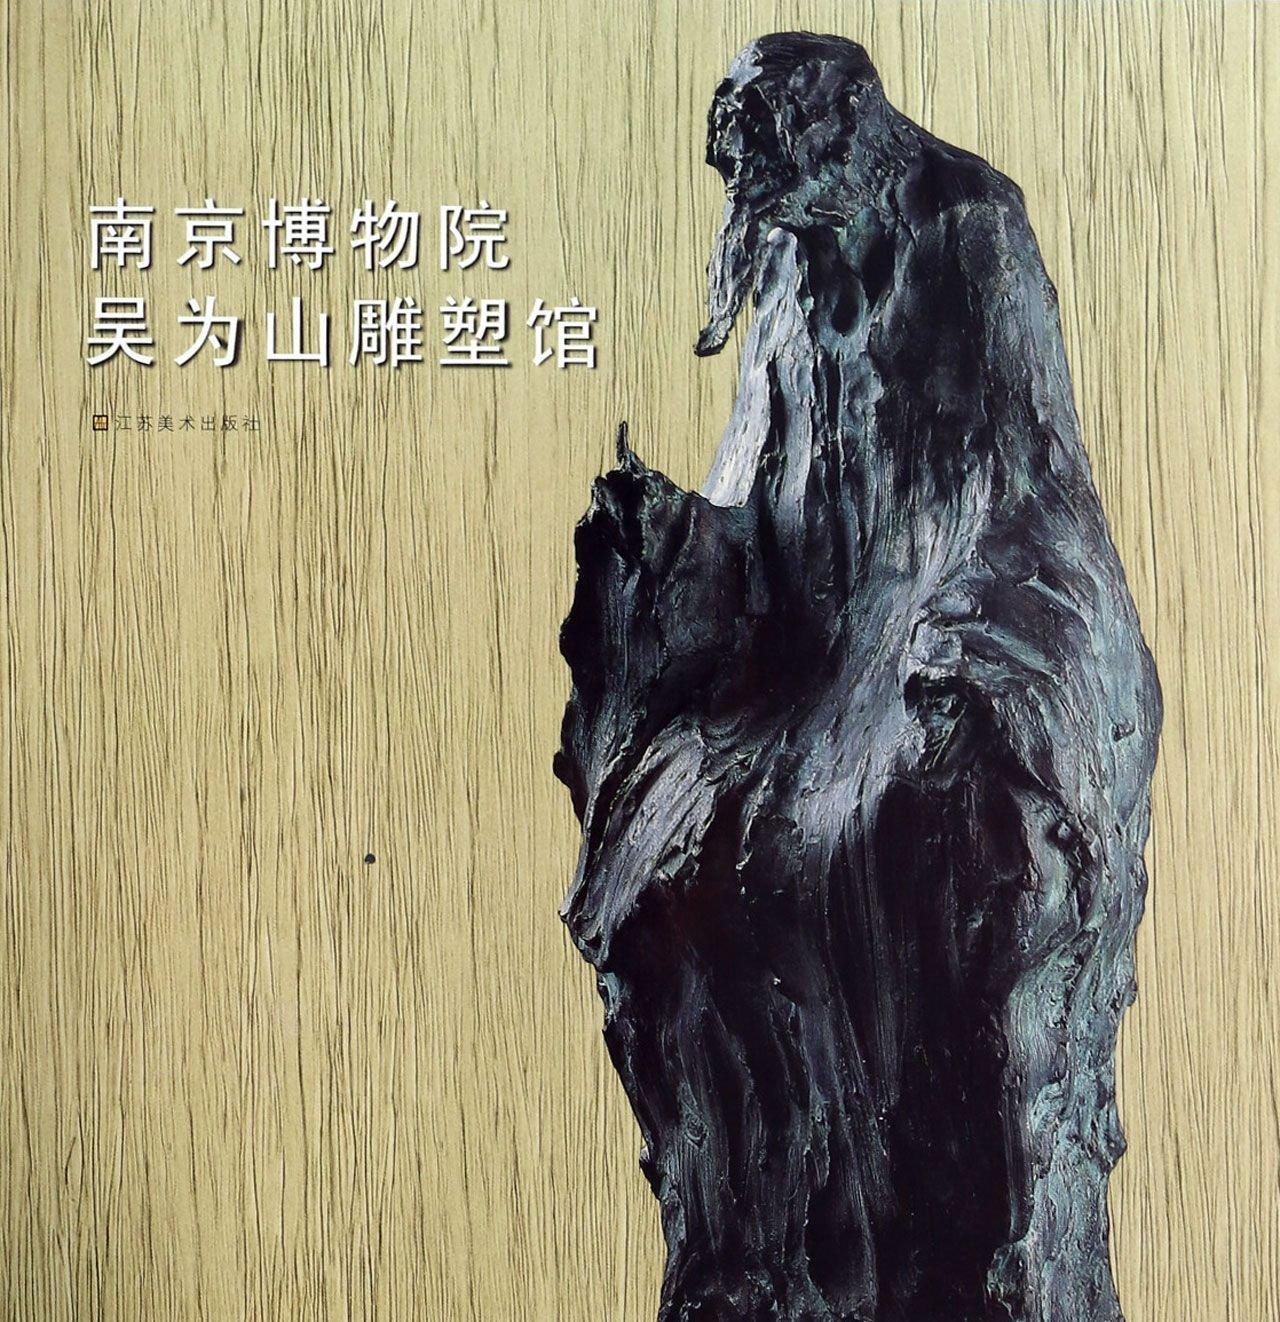 Genuine new Nanjing Museum Wu Weishan Sculpture Museum . Nanjing . Jiangsu Fine Arts Publishing House Museum Phoenix Publishing & Media Group 9787534468711(Chinese Edition) ebook